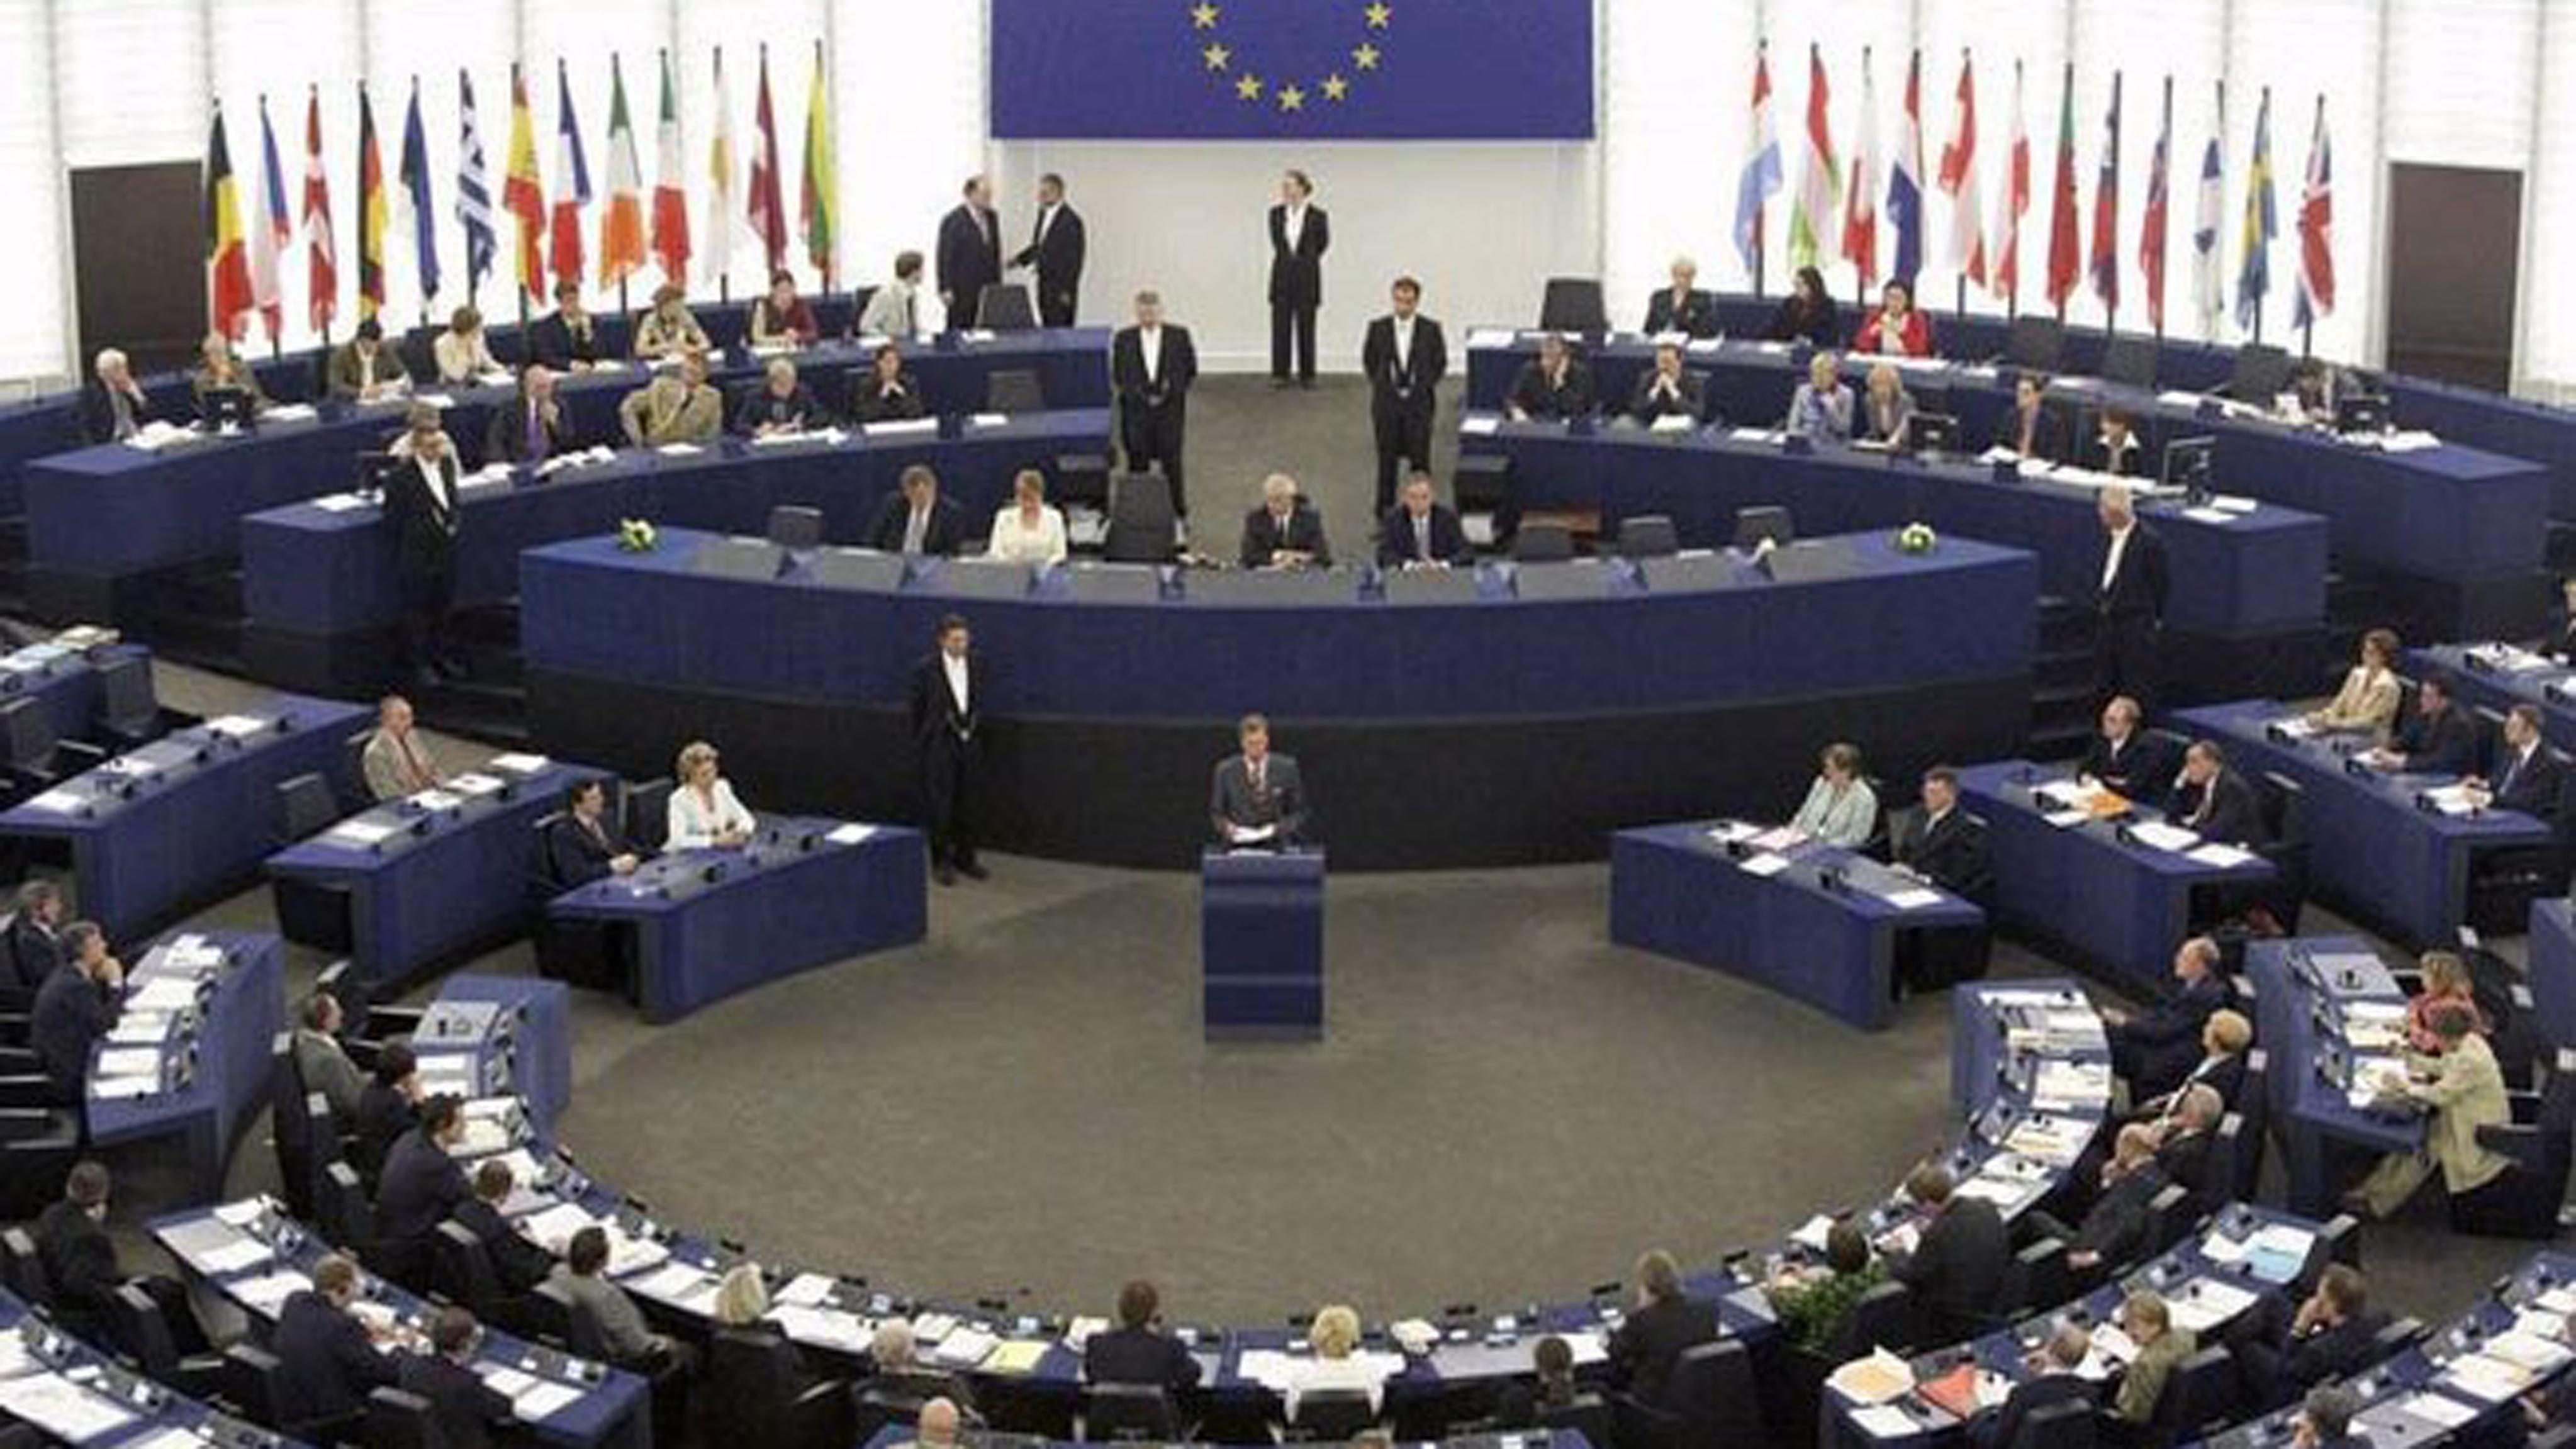 Еврокомиссар признала высокий уровень коррупции вгосударстве Украина